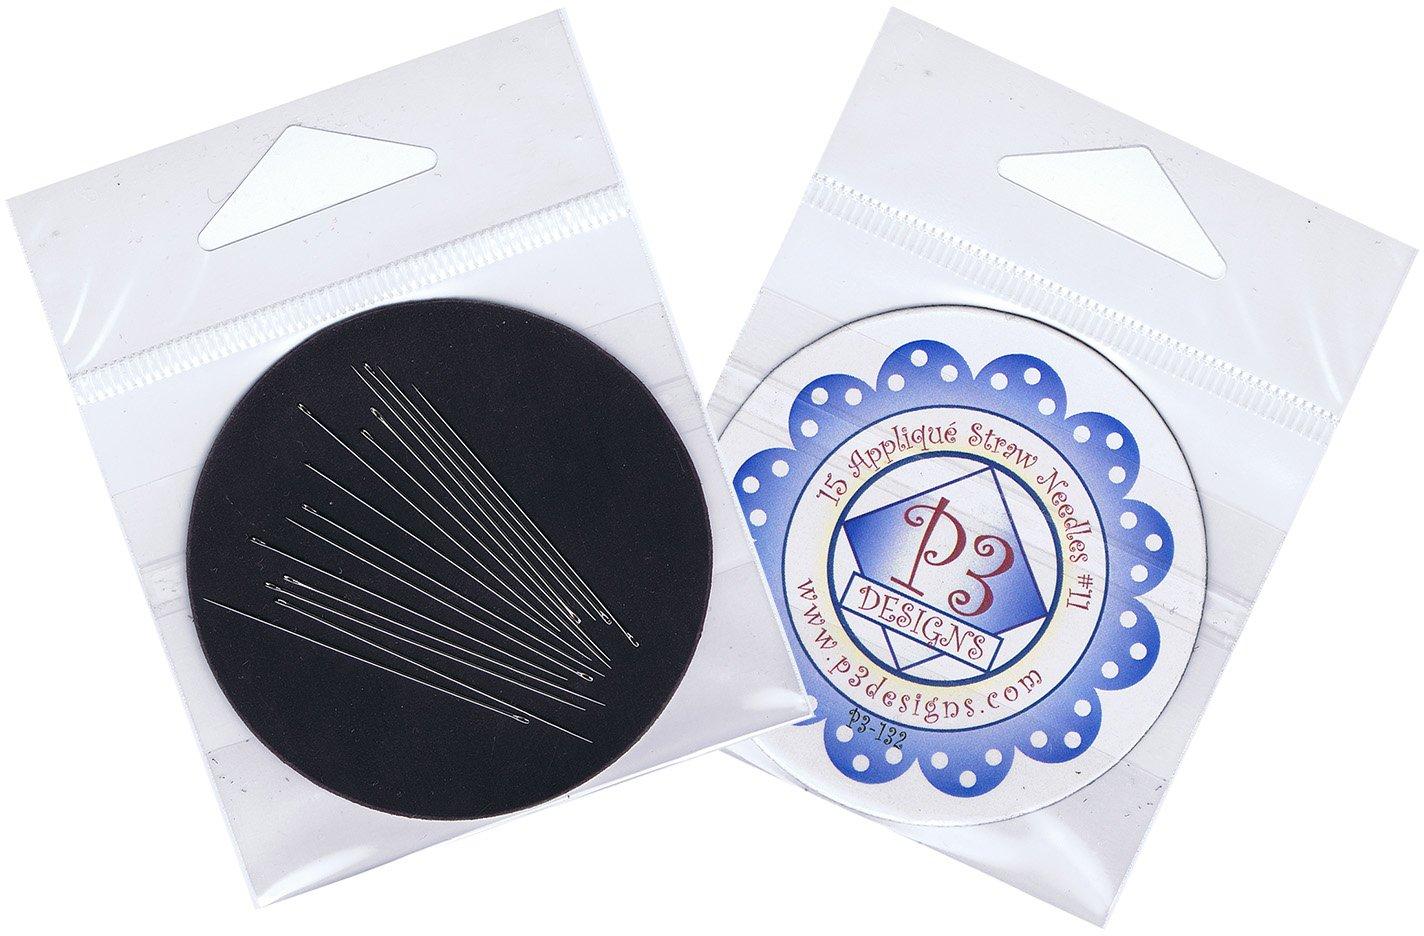 P3-132 Applique Straw Needles #11 & Needle Magnet